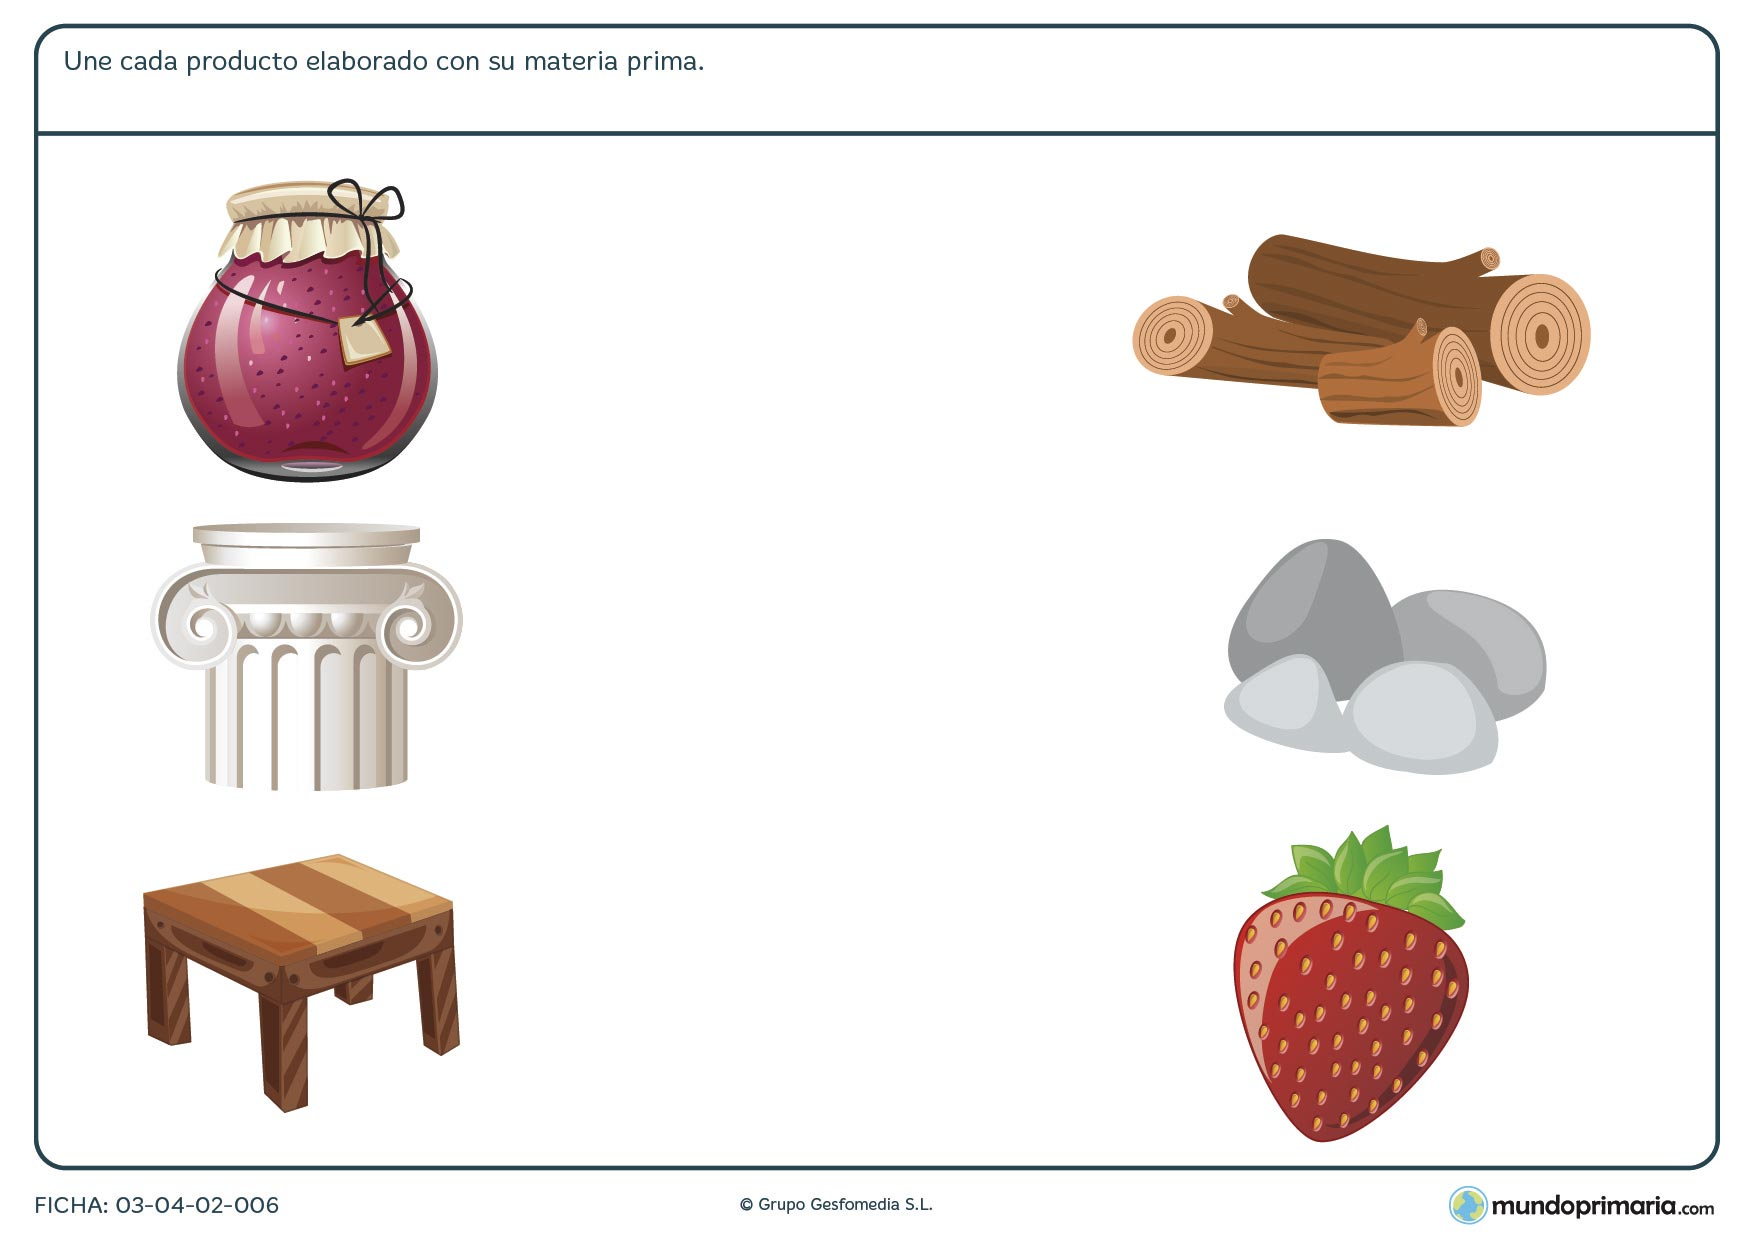 Ficha de relacionar materia y producto para descargar y practicar destinada a los niños de primaria